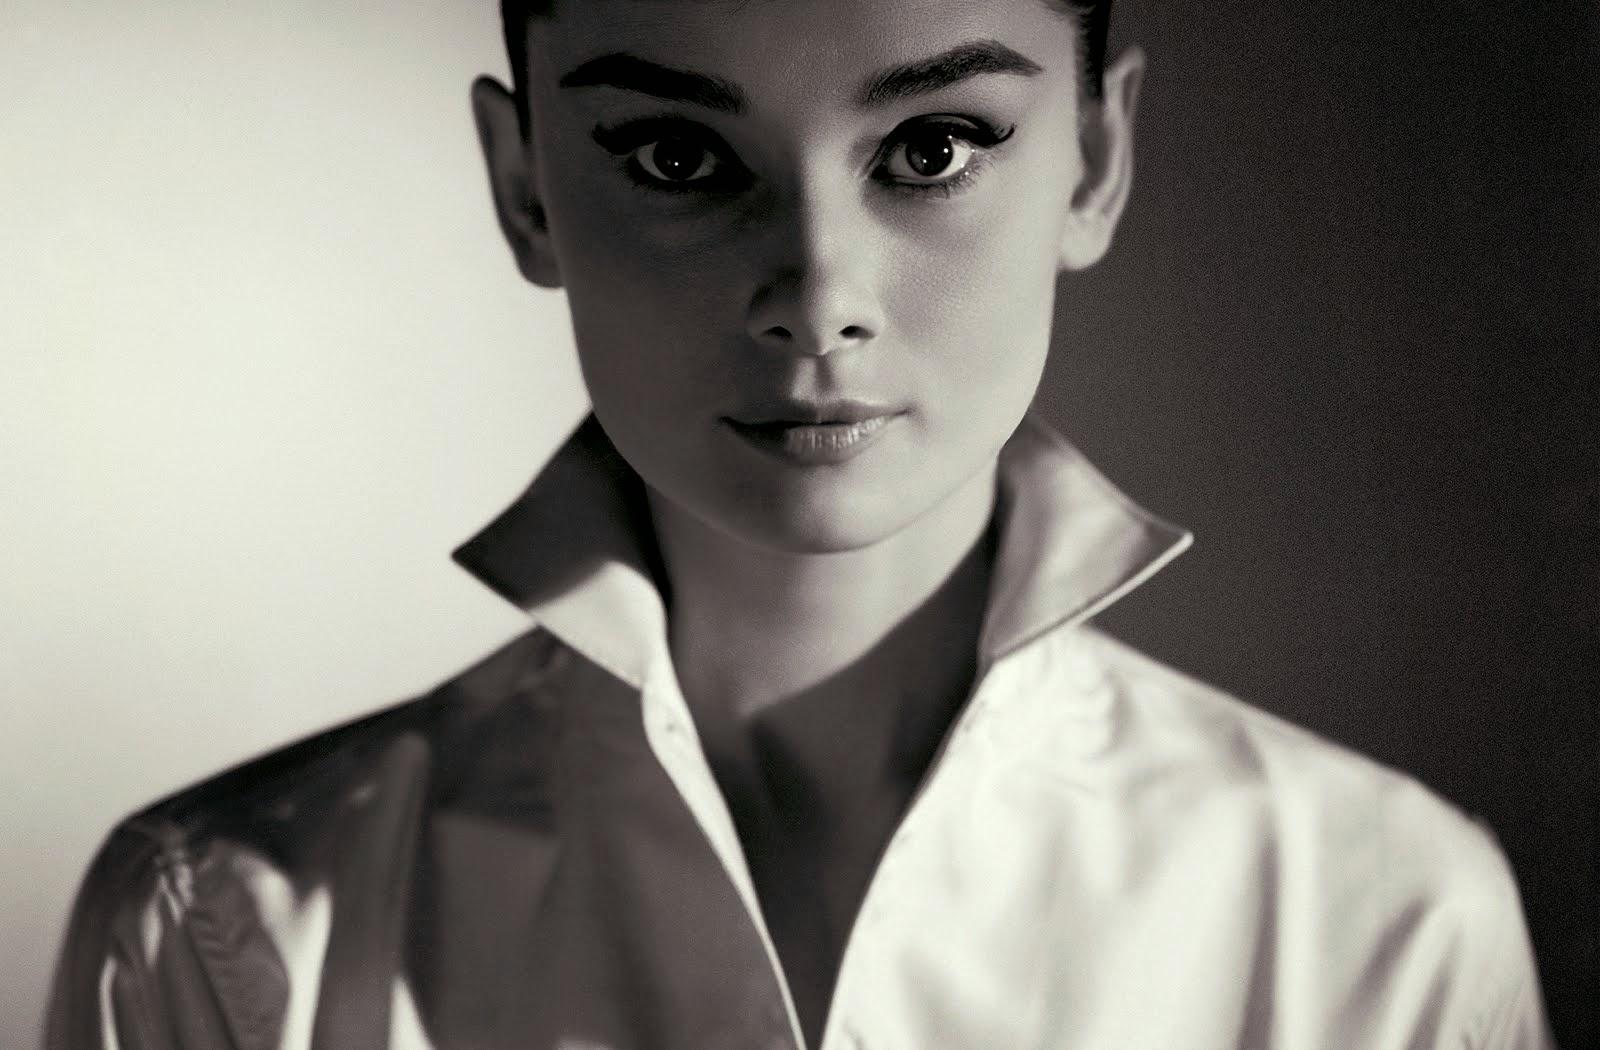 HepburnIcône Années 60Frenchtouch2 Du Cinéma Des Audrey qSUzVpGM